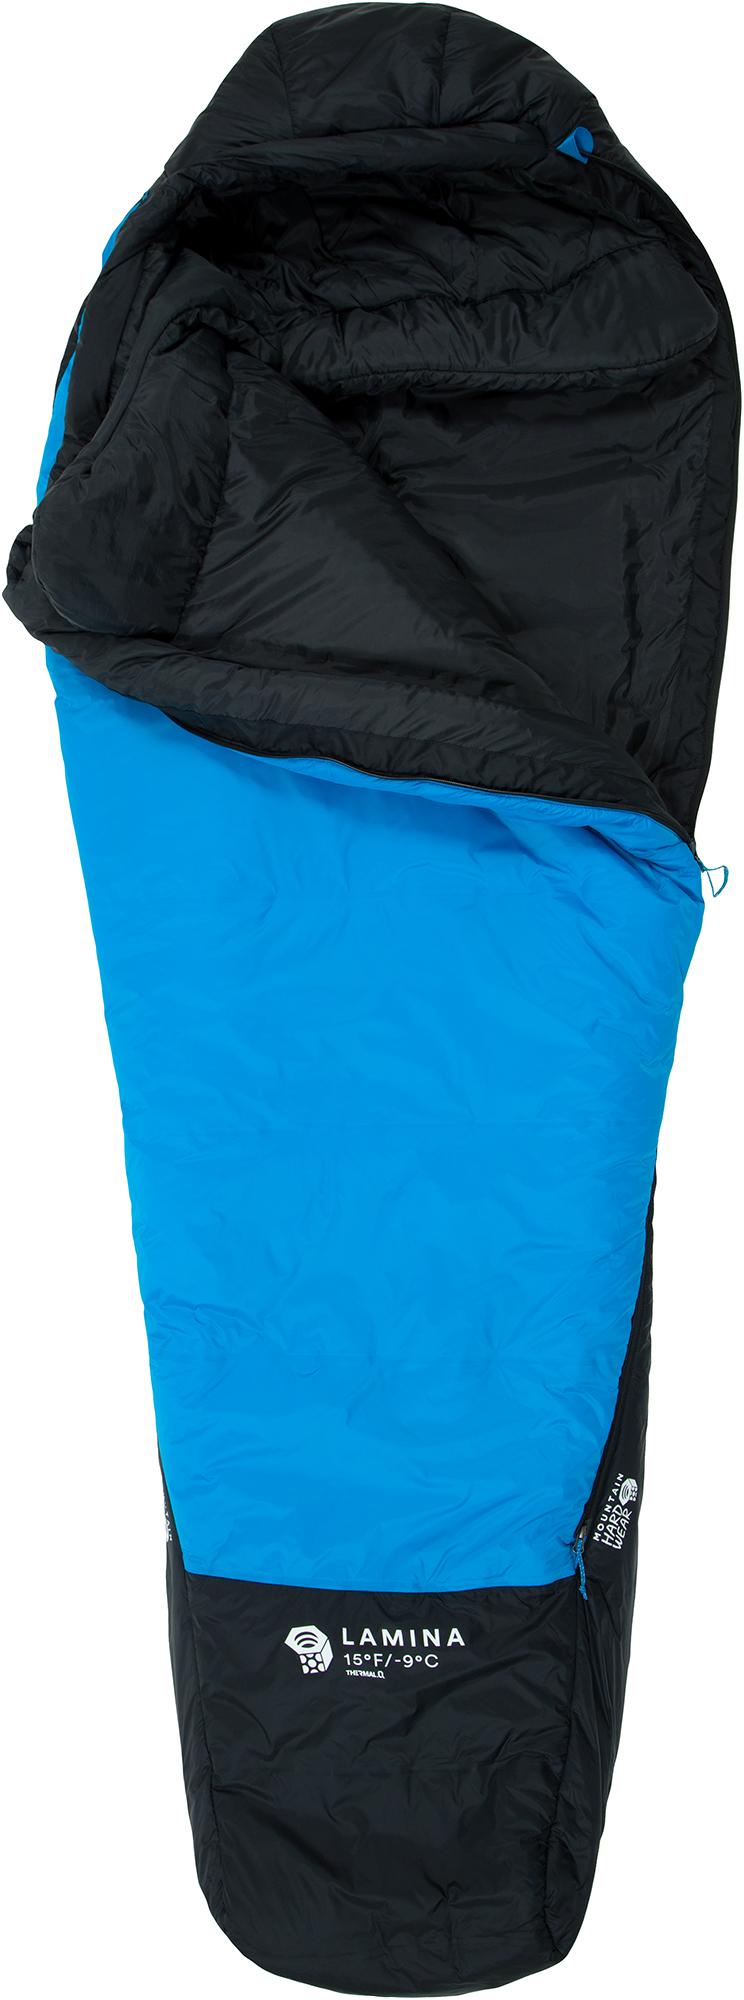 Mountain Hardwear Lamina™ 15F/-9C